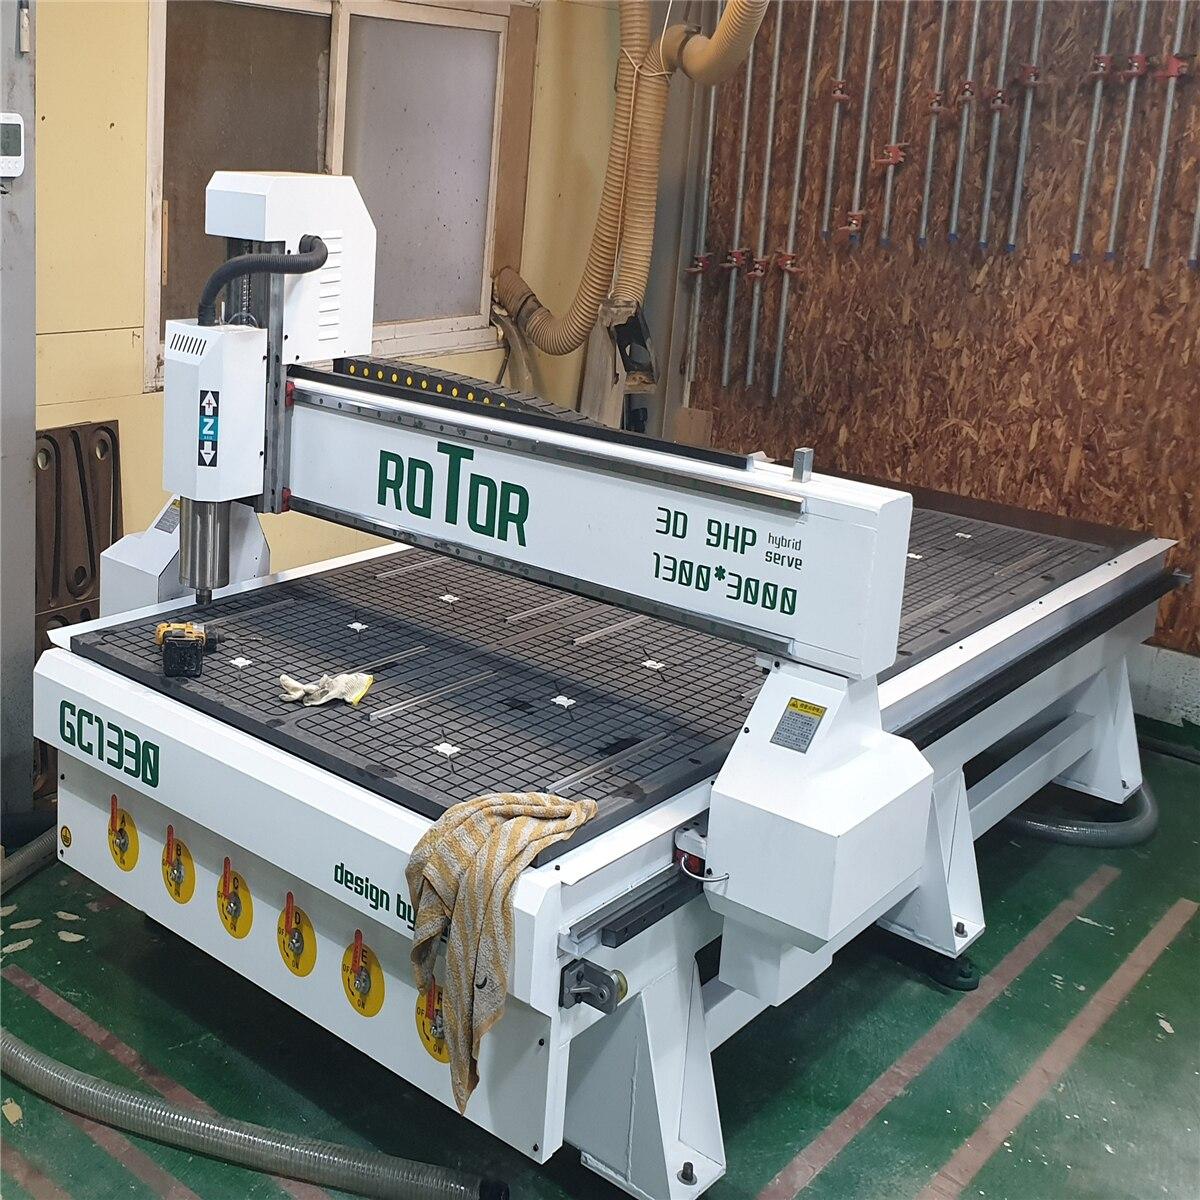 Robotec Cnc 1325 Wood Carving Machine 3d Wood Cnc Router Cnc Milling Machines Woodworking Cnc Router Machine With Cnc Lathe Hot Offer 5986d Cicig